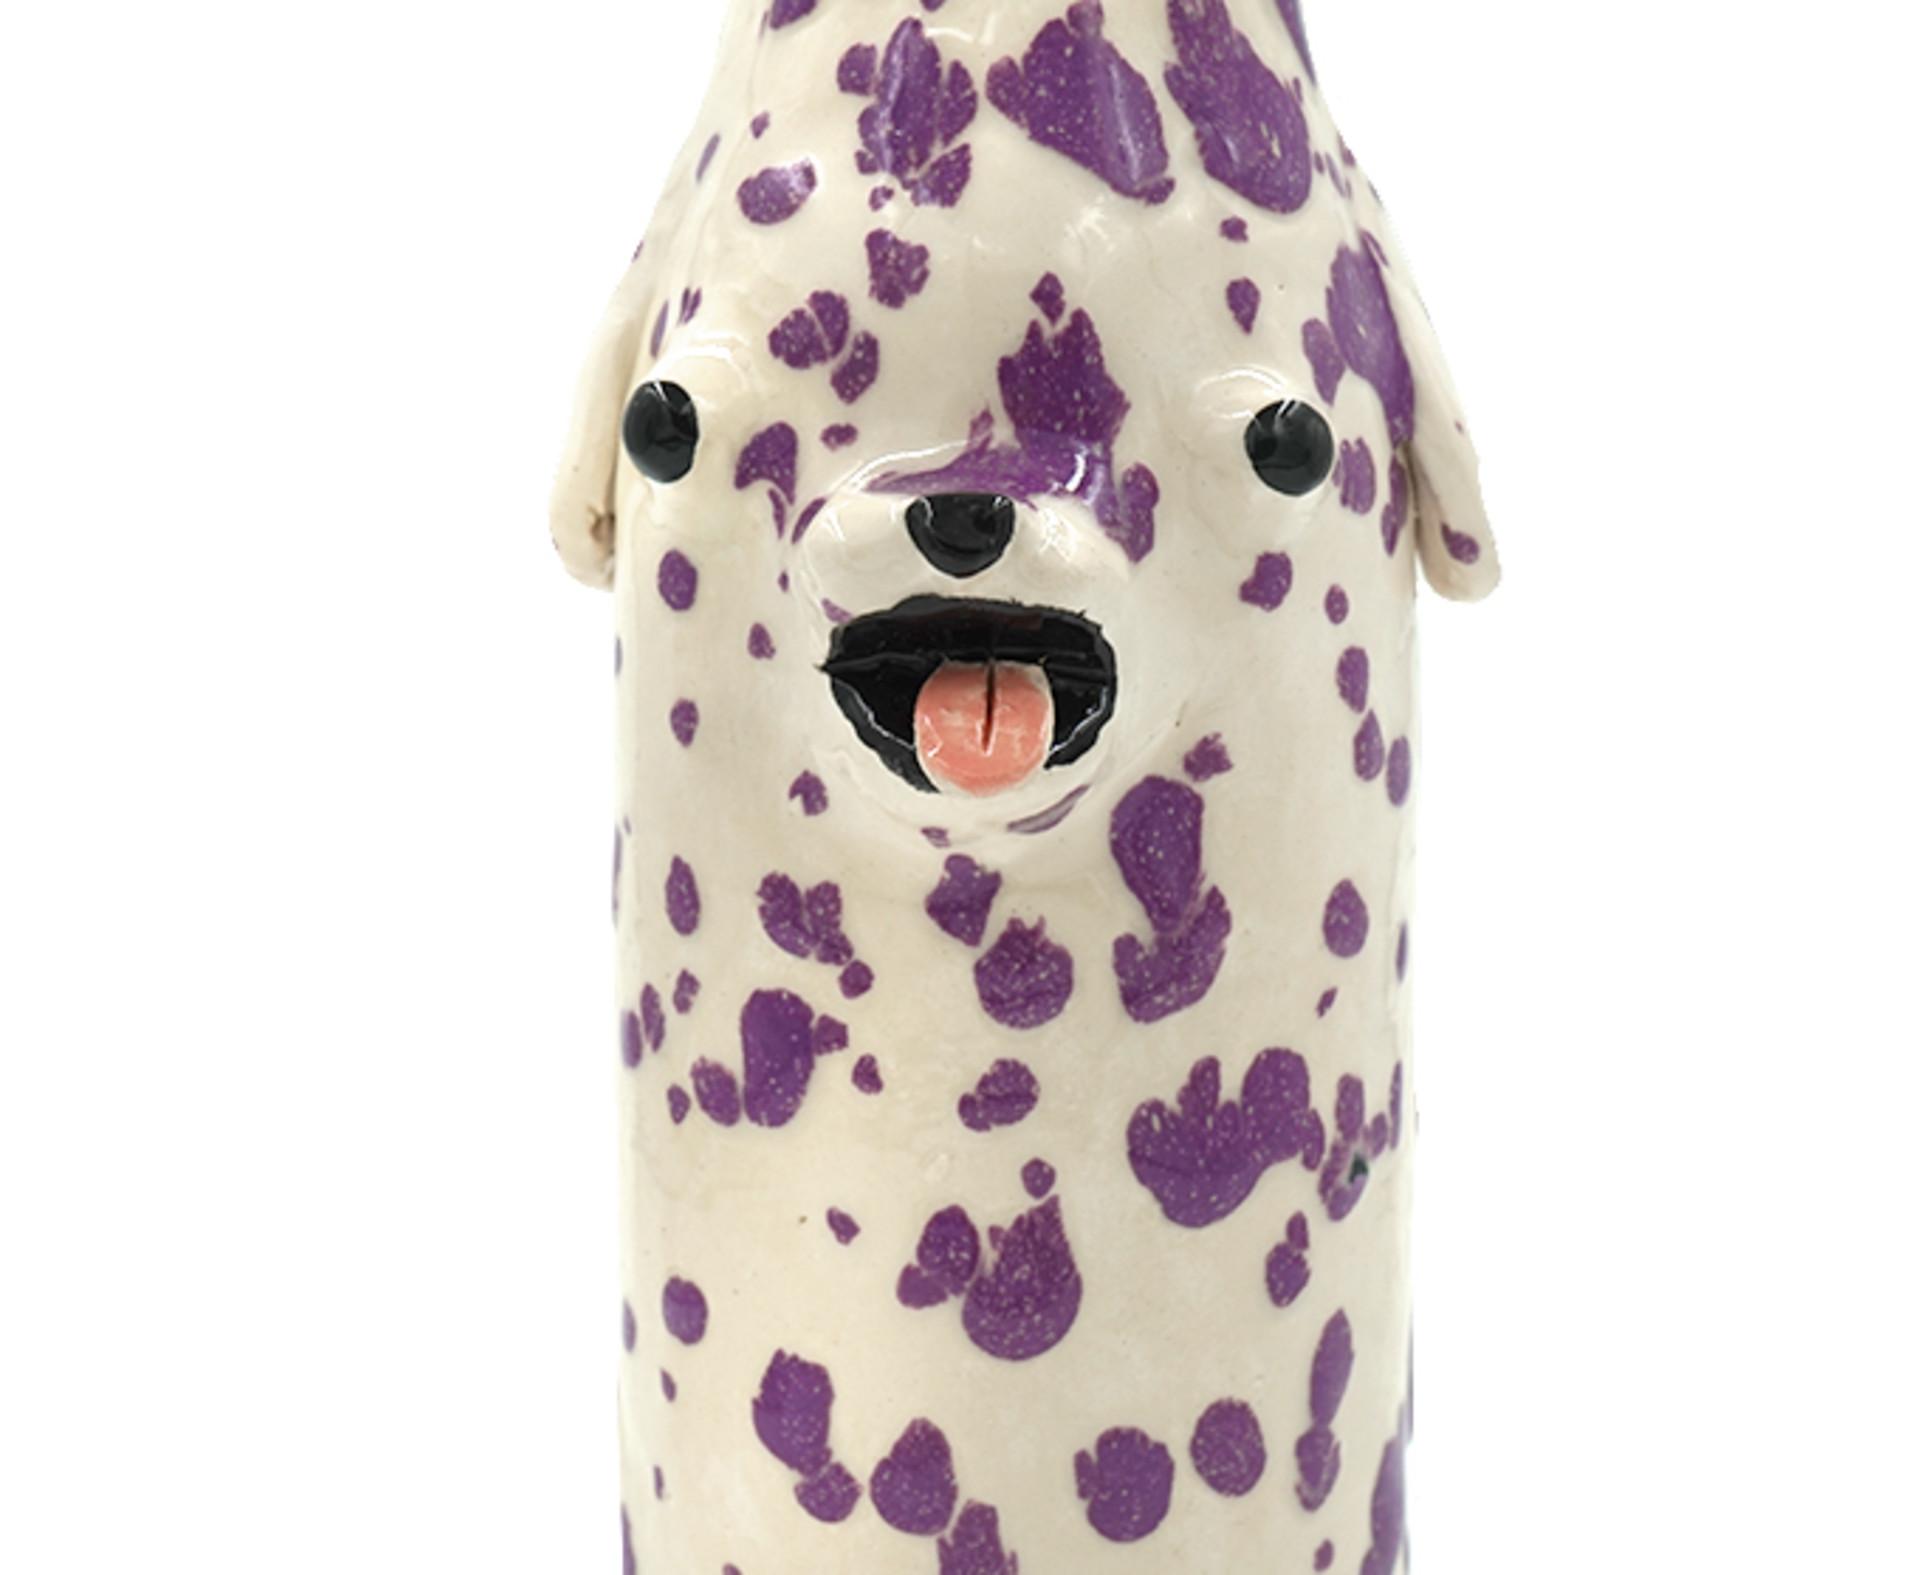 Katie Kimmel, Purple Dalmatian Vase, 2019